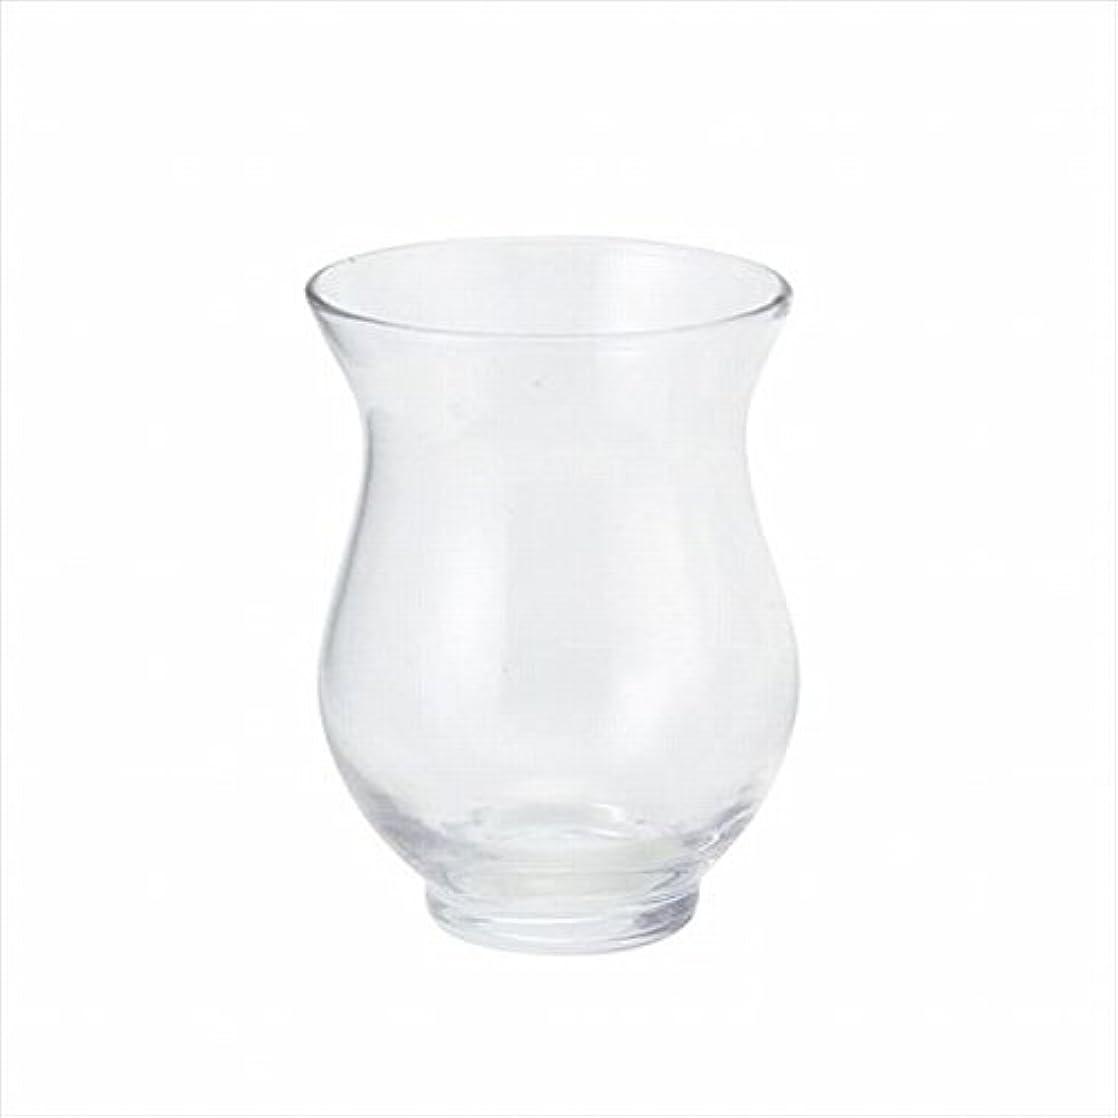 スティック曲線起こるkameyama candle(カメヤマキャンドル) ウィンドライトエレガンスS キャンドル 75x75x100mm (D3825023)